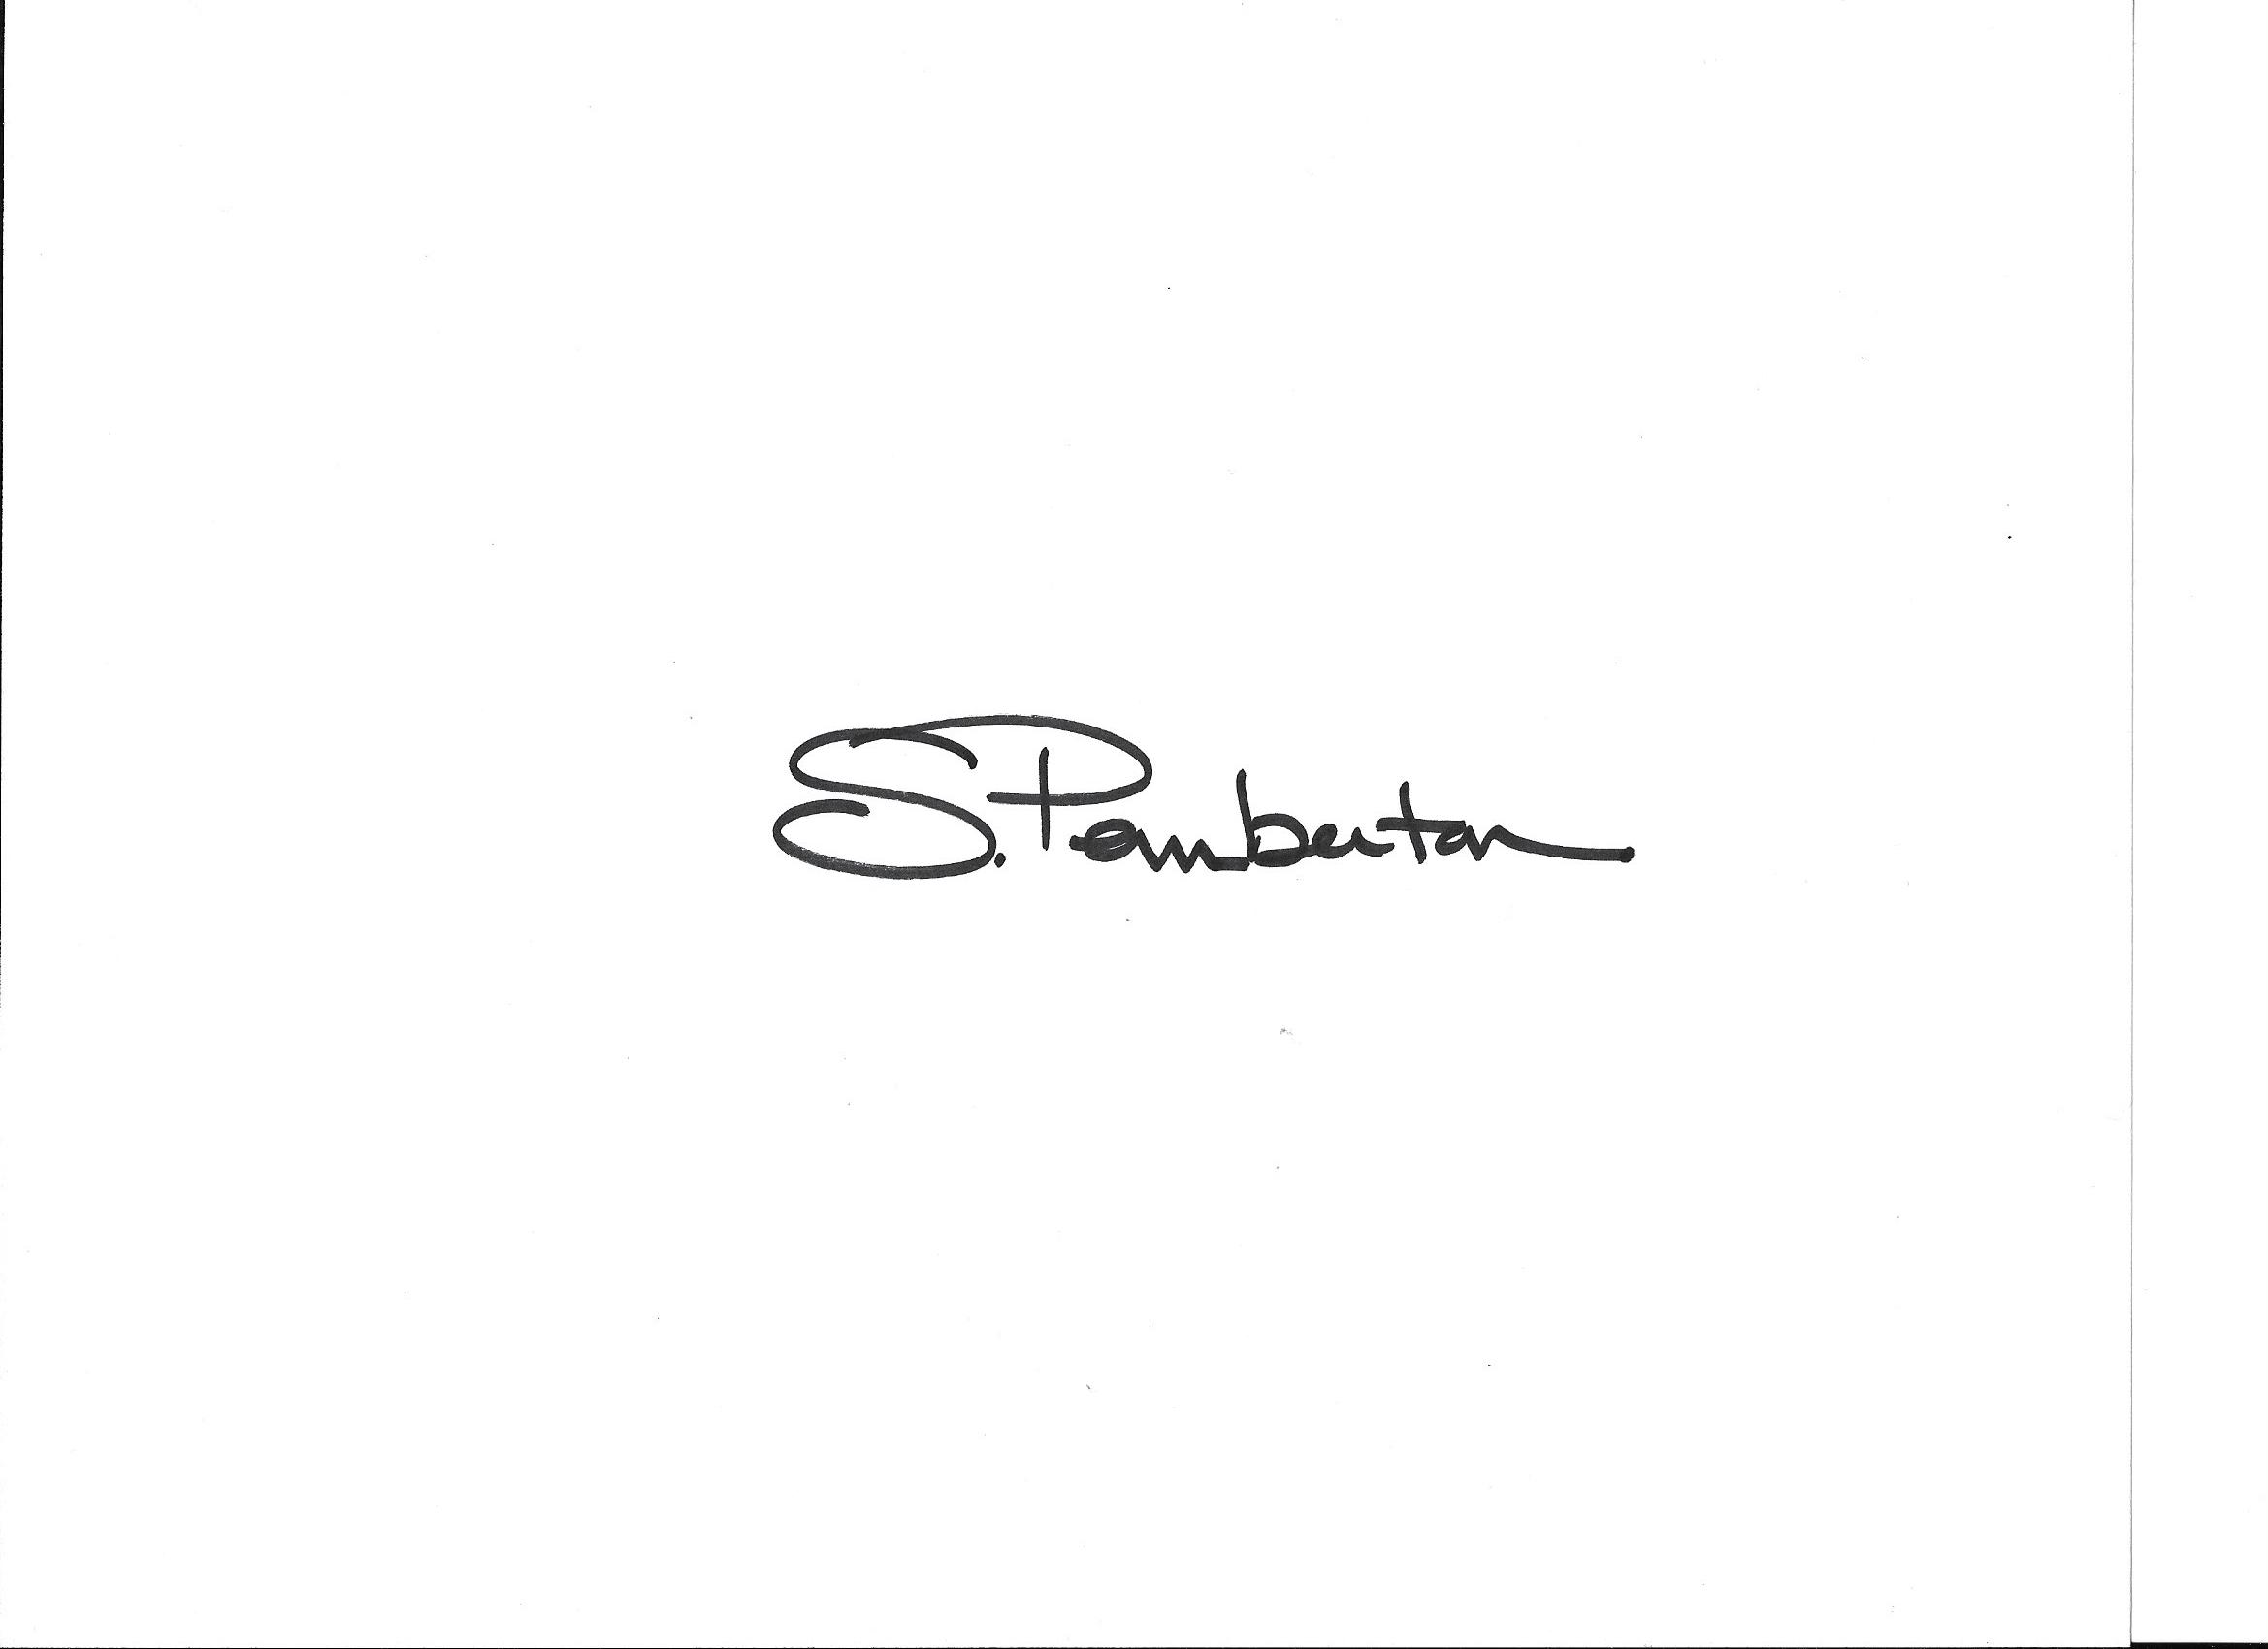 Suzanne Pemberton Signature